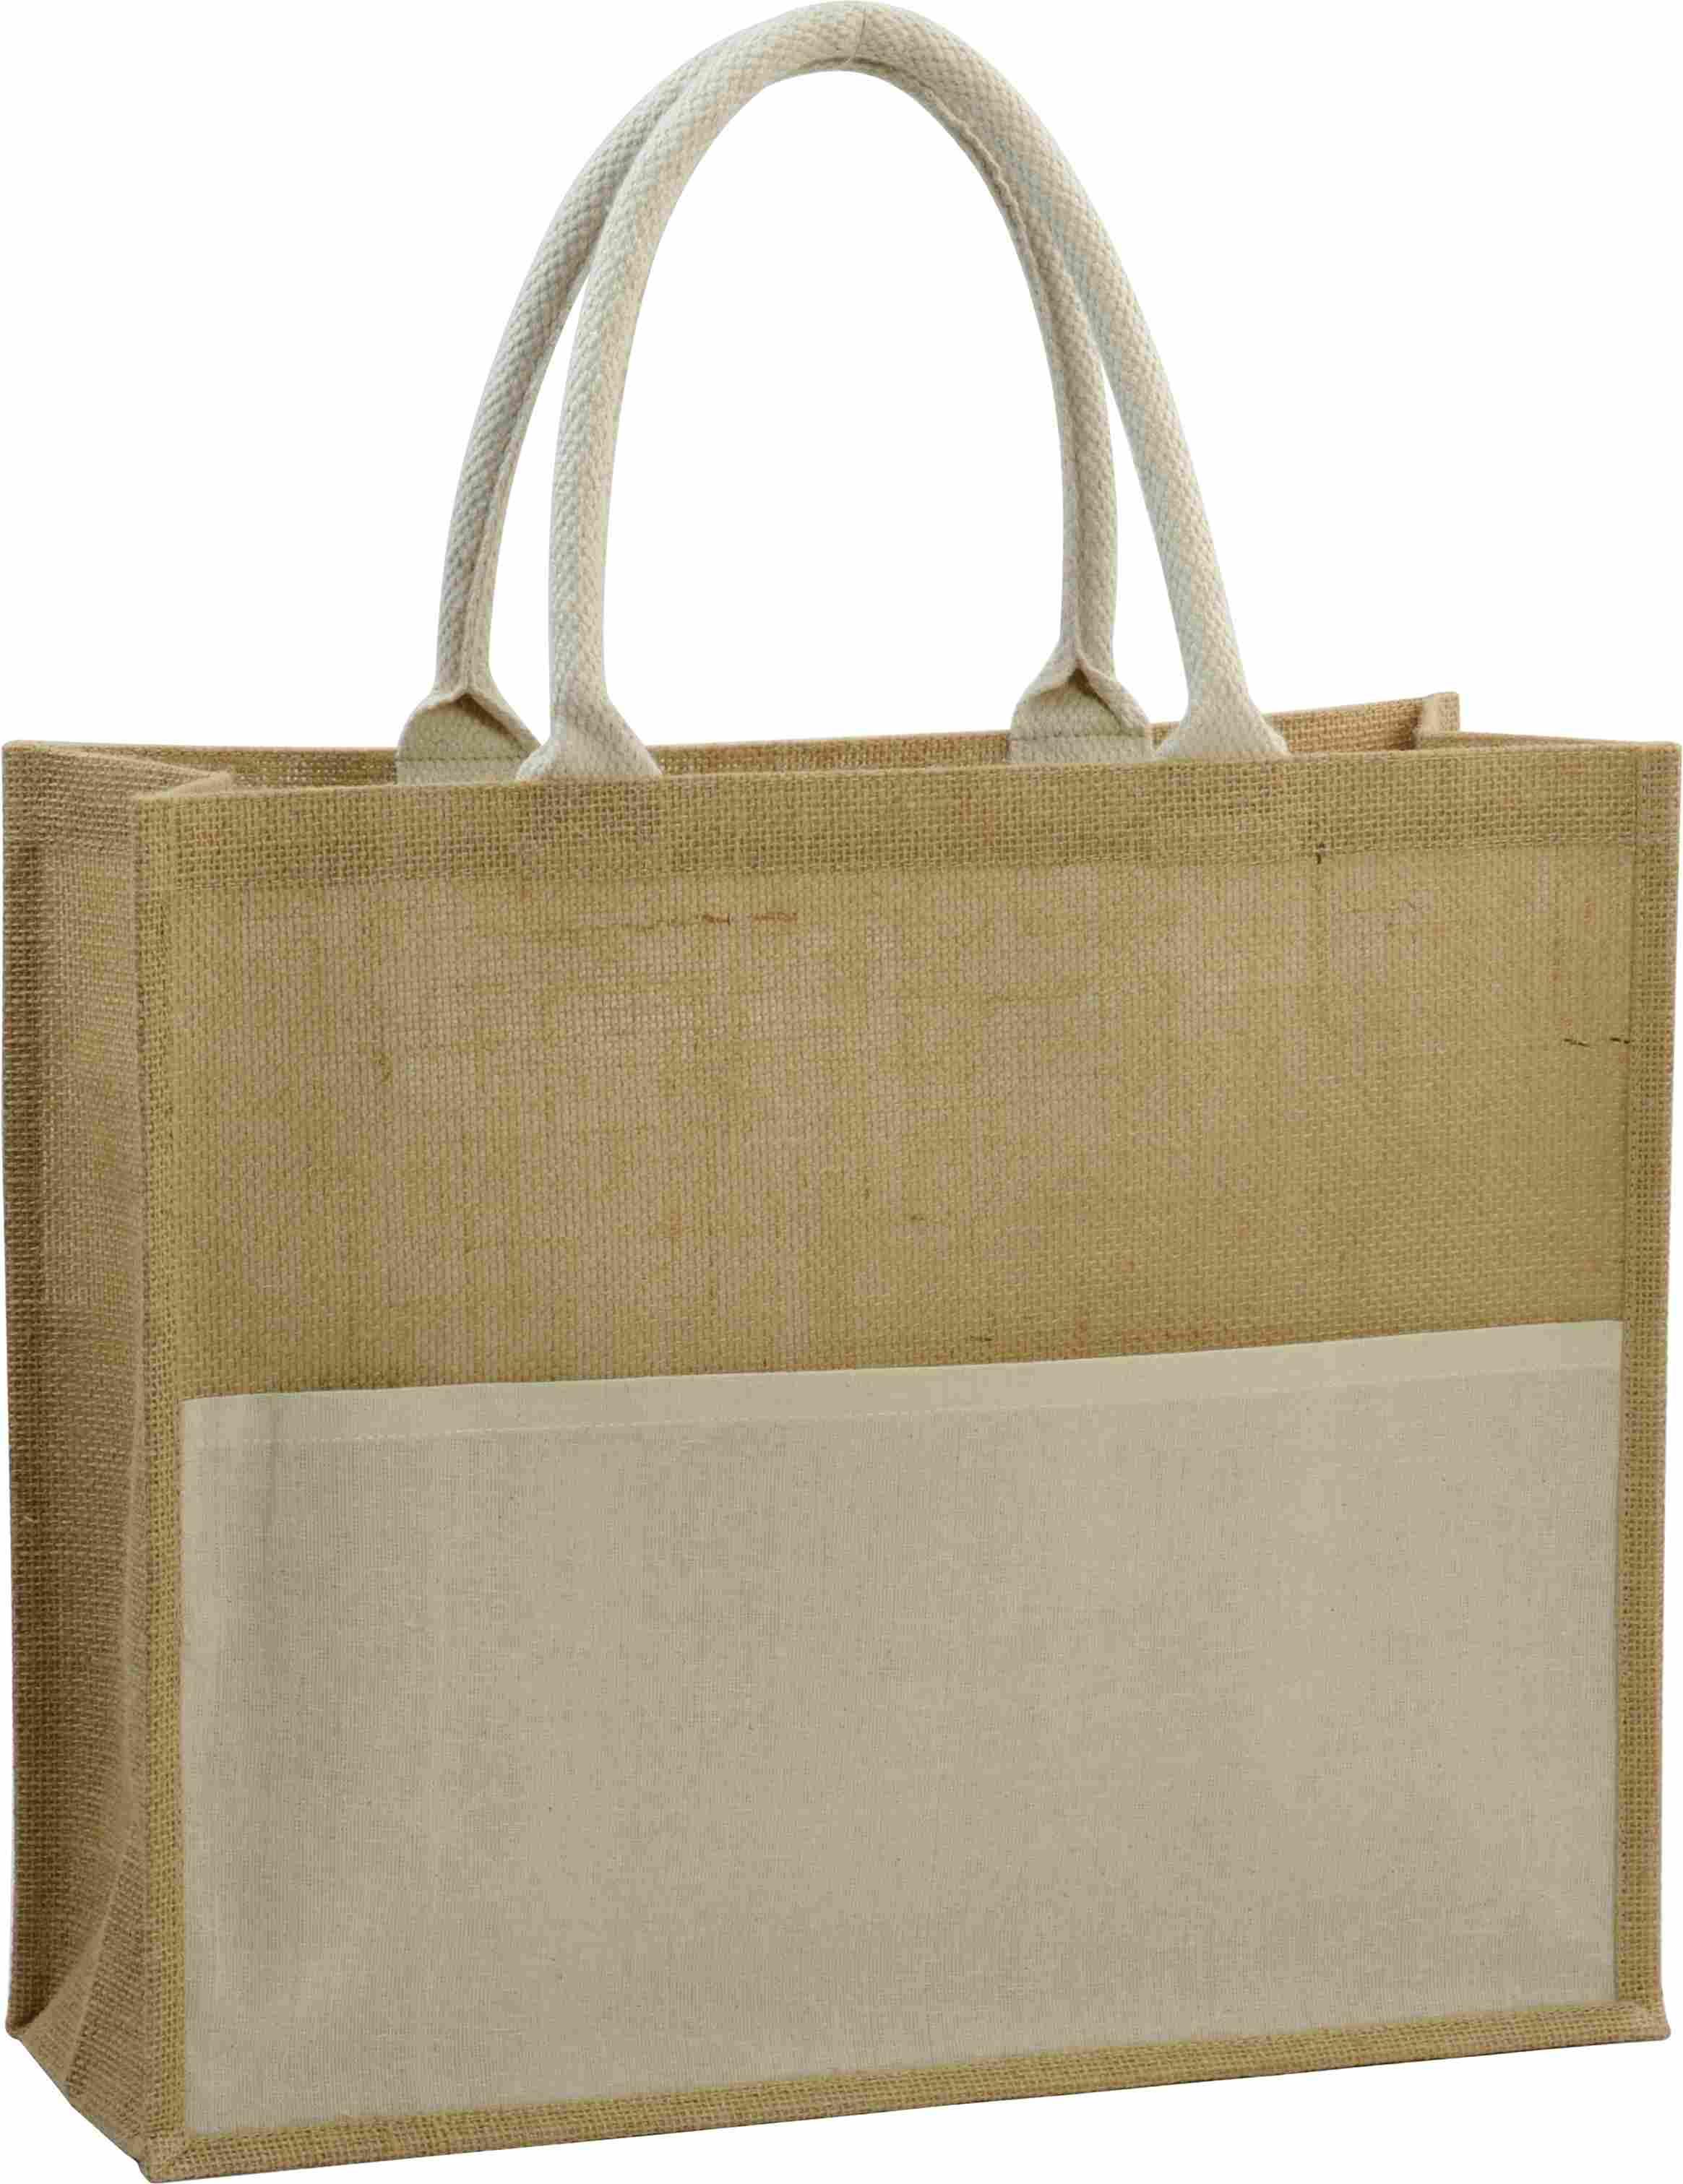 sac shopping publicitaire écologique en jute Lady